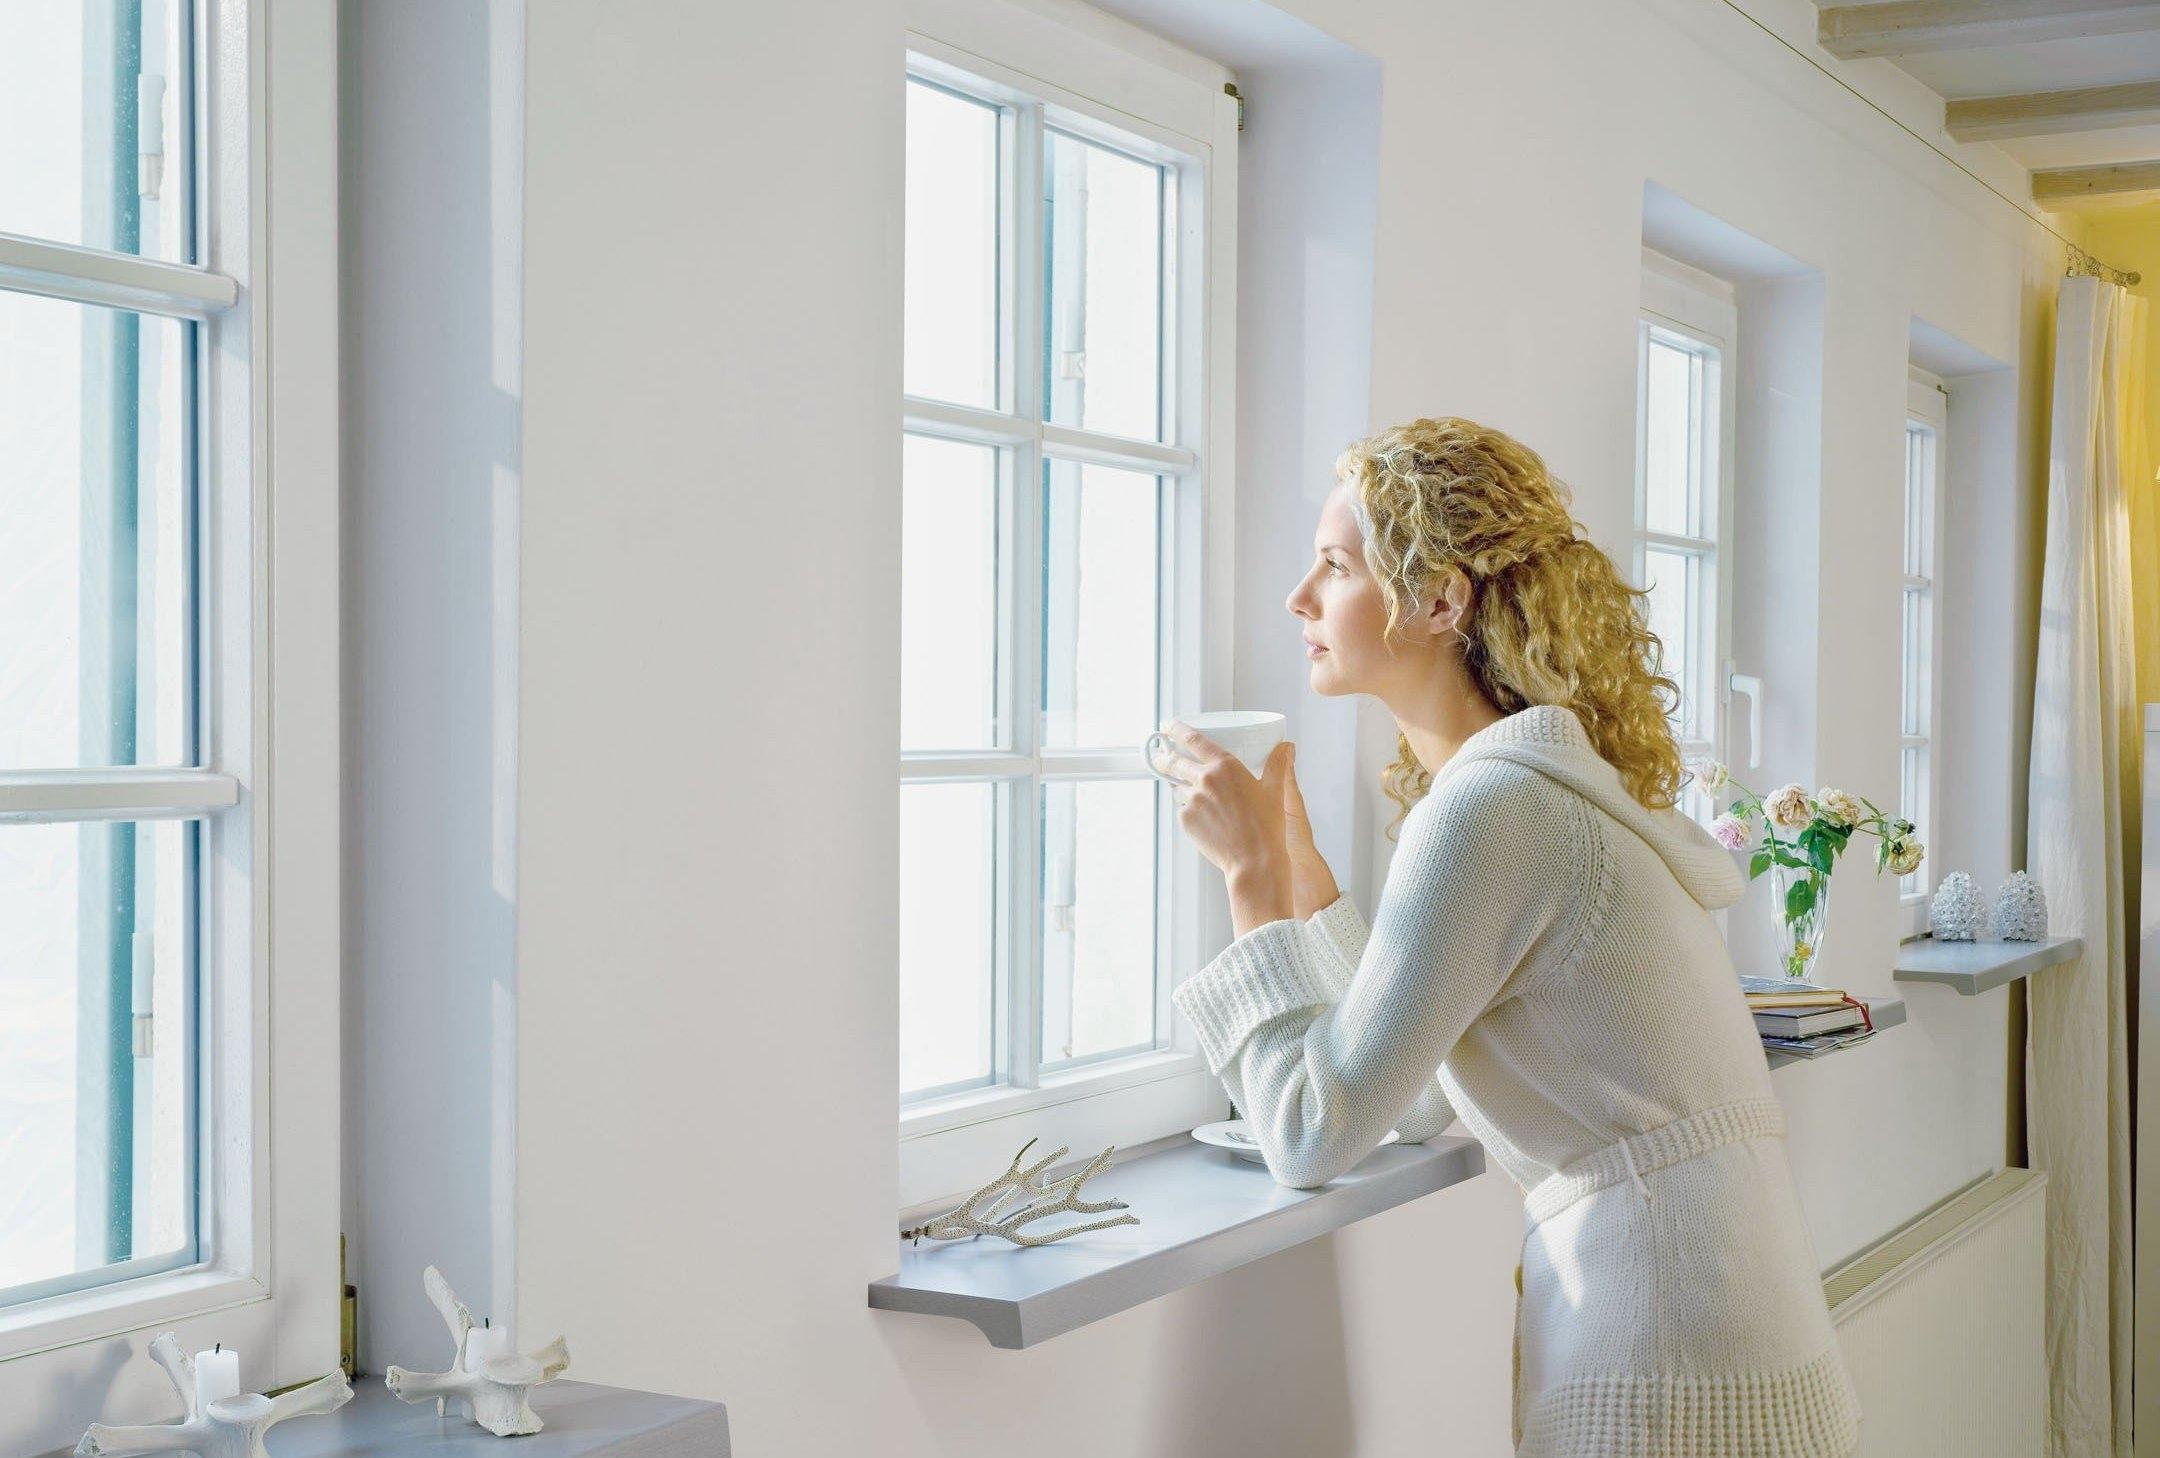 Заказ пластиковых окон: что нужно знать для грамотного выбора стеклопакета